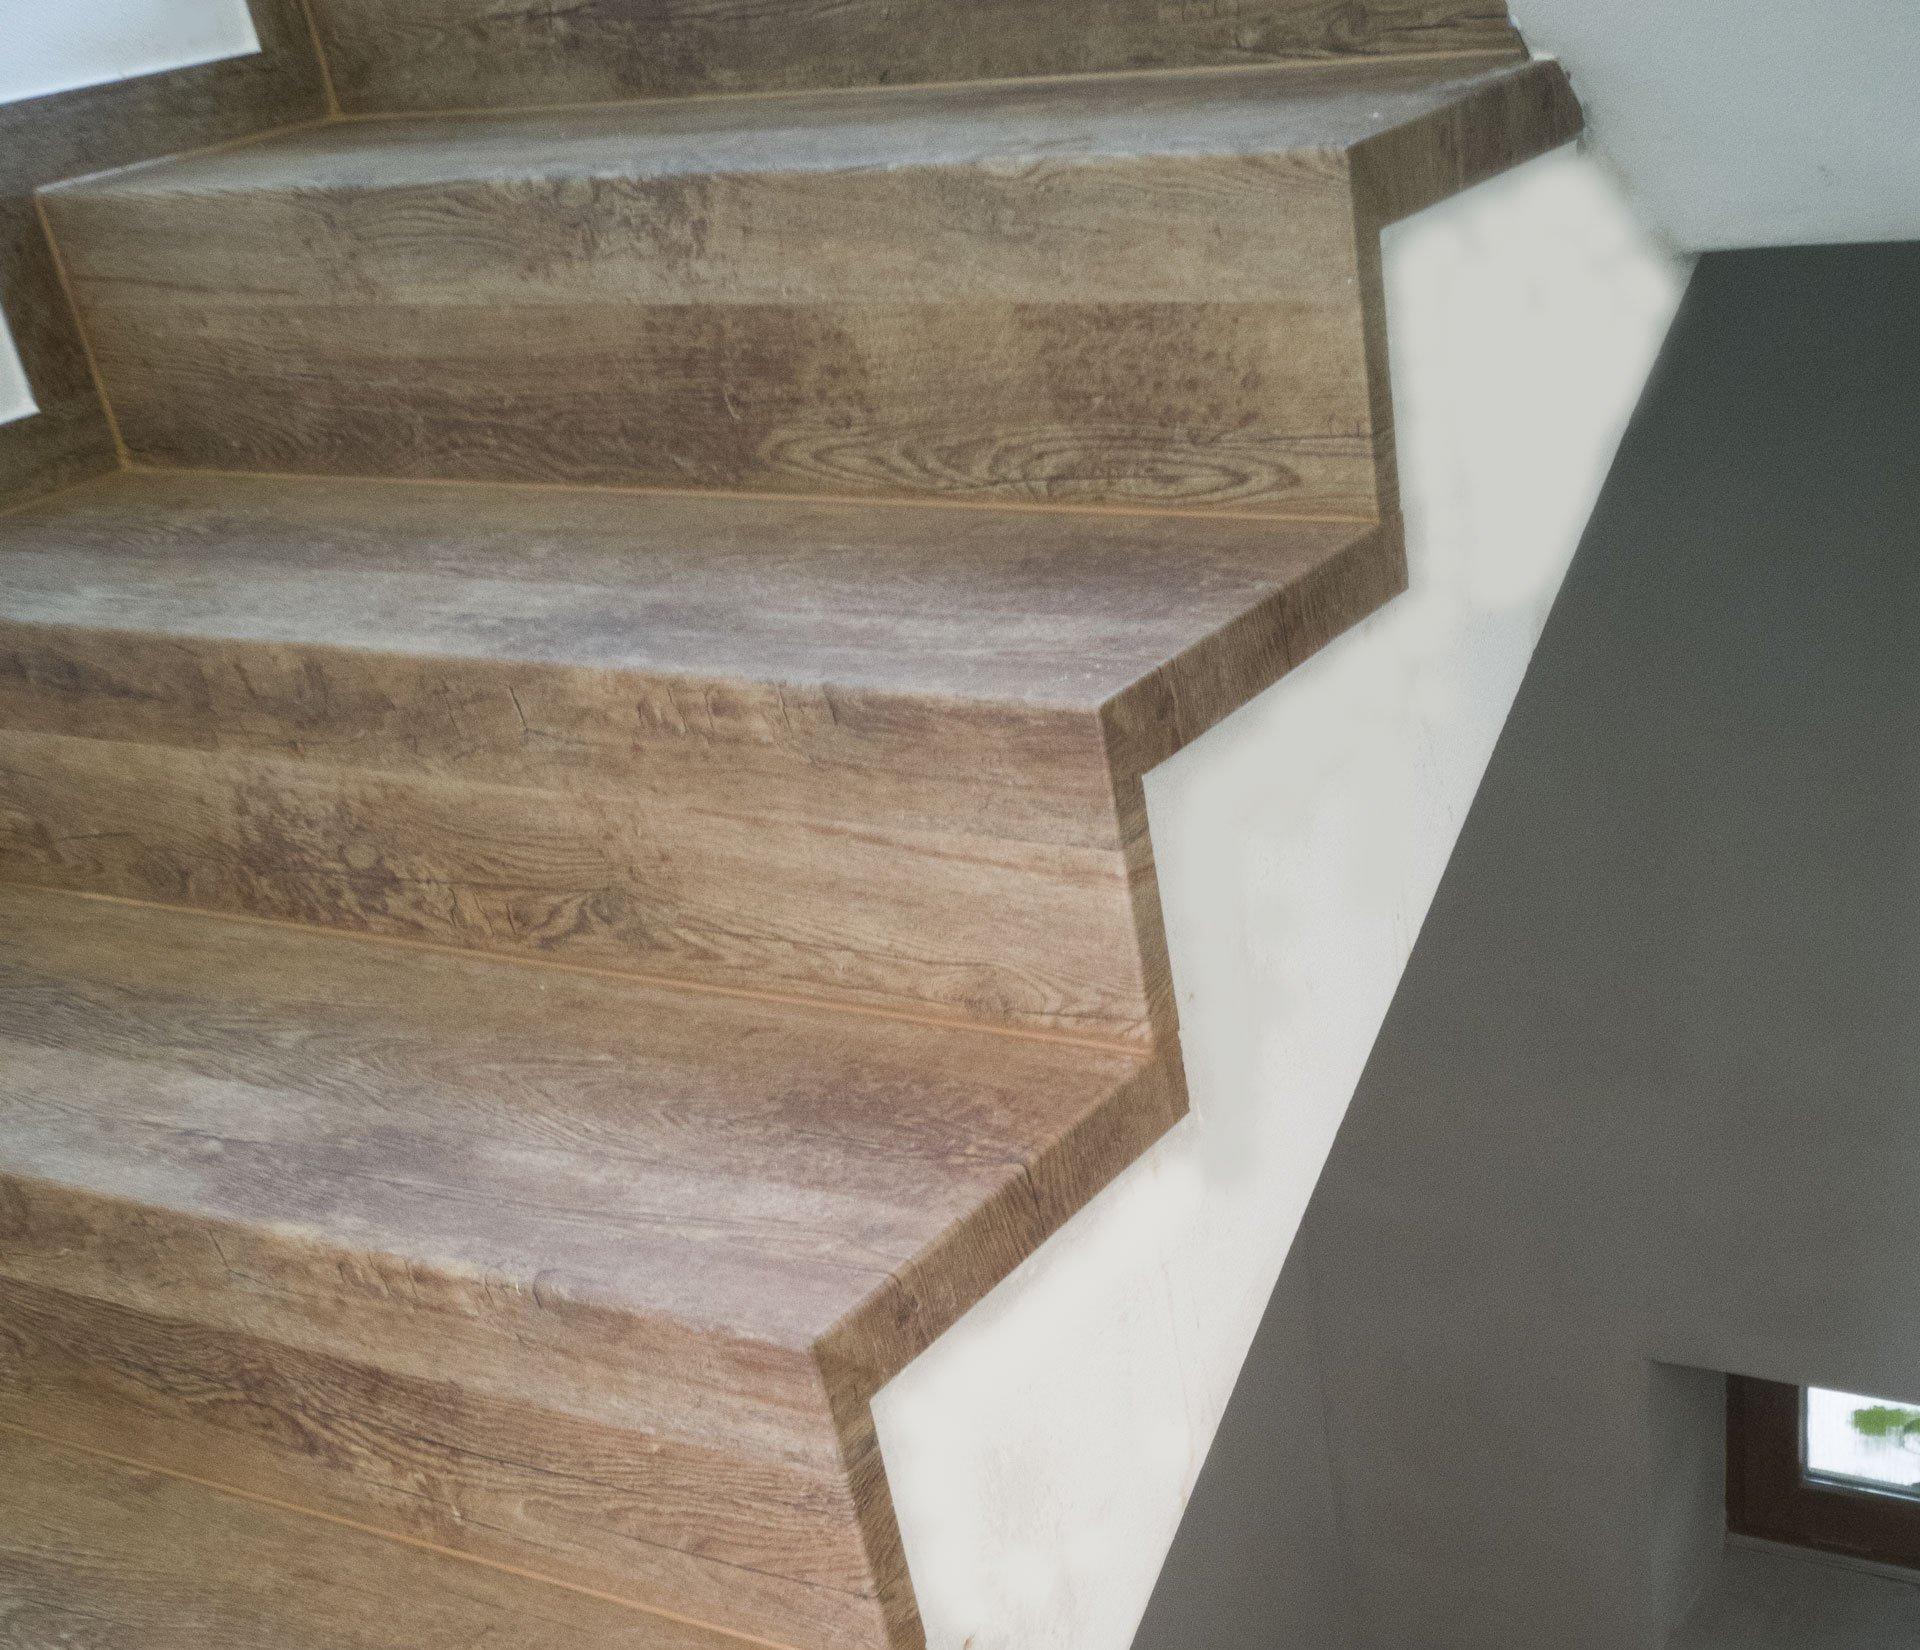 Hrana schodu mezi nášlapem a čelem je řešena ohybem s větším rádiusem, dále za povšimnutí stojí řešení bočních ohybů směřujících do otevřeného prostoru.